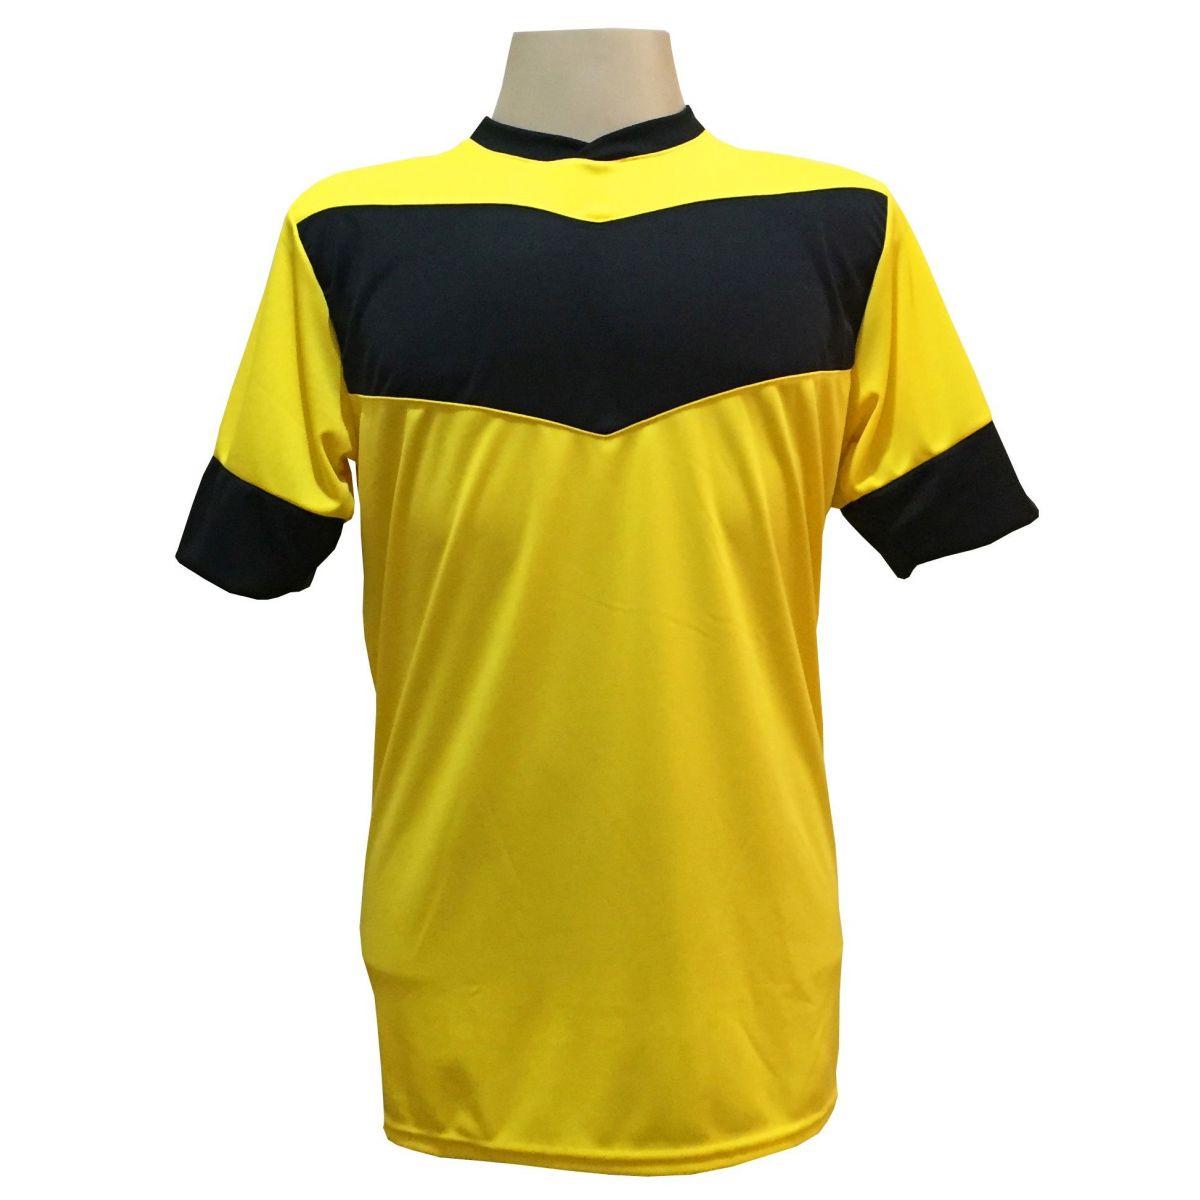 Jogo de Camisa com 18 unidades modelo Columbus Amarelo/Preto + Brindes